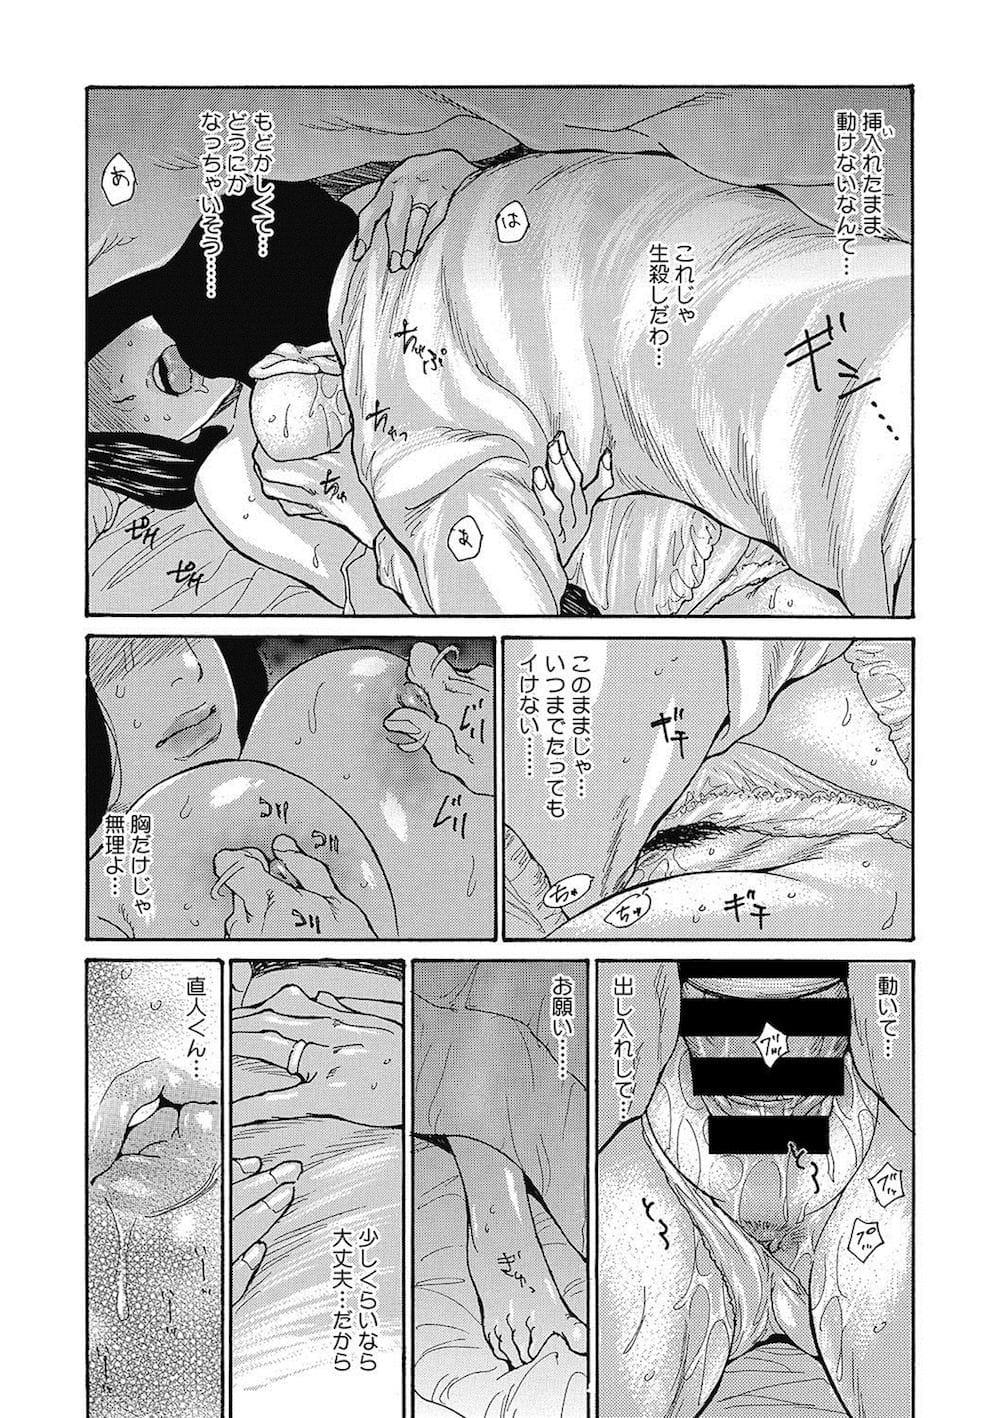 【長編エロ漫画・第3話】隣で夫が寝ているのに義理の息子の夜這いに身体をひらく熟女義母!絶倫チンポの虜となって夫の横で中出し!お風呂に移動して連続SEX!【葵ヒトリ】